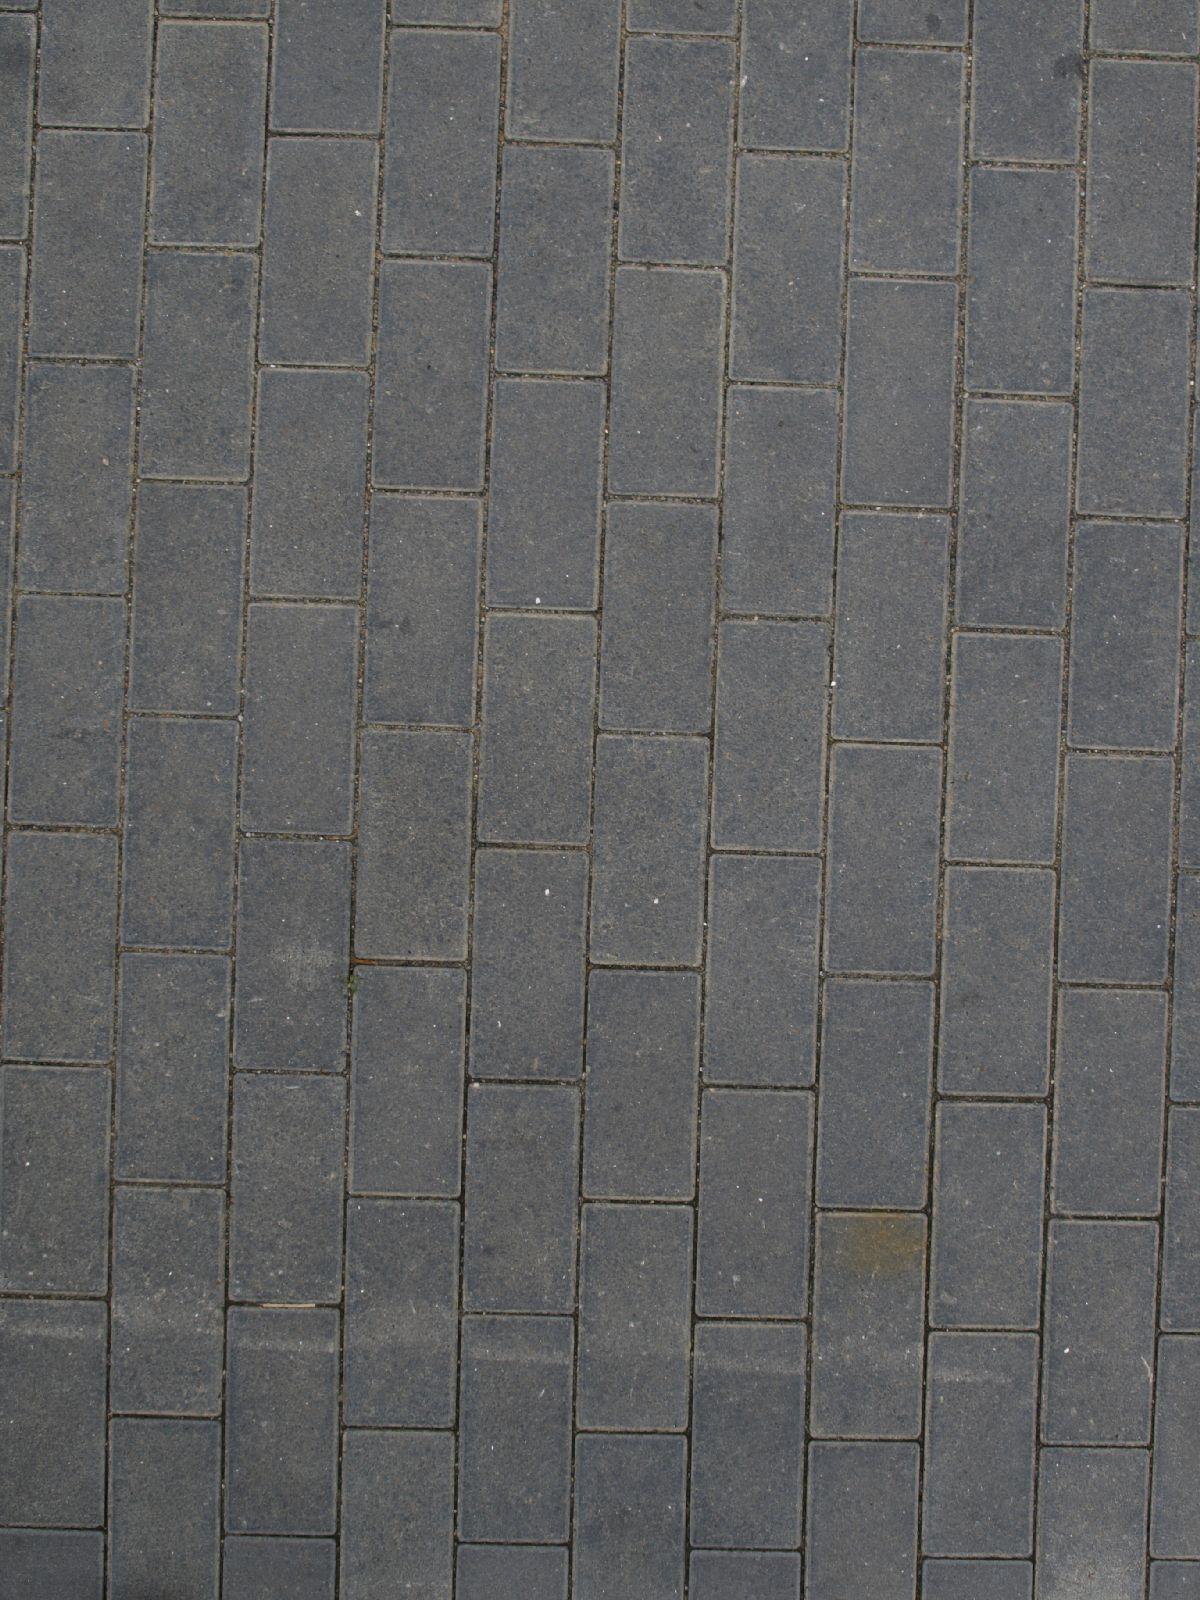 Boden-Gehweg-Strasse-Buergersteig-Textur_A_P9014736